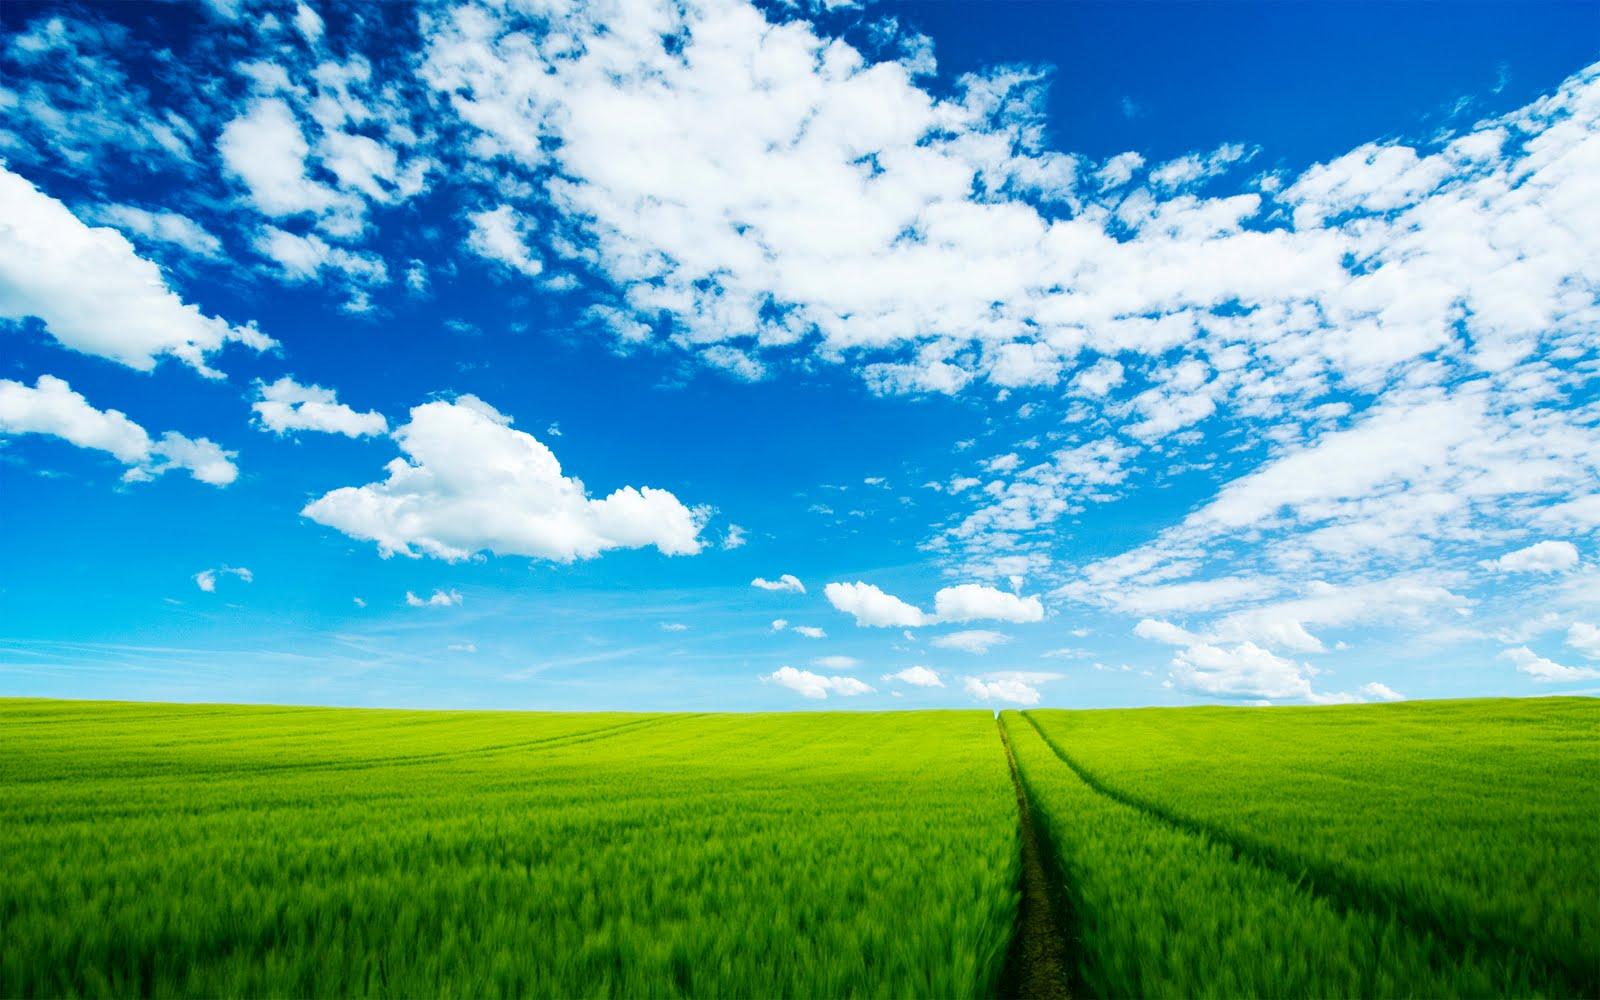 http://3.bp.blogspot.com/-wr_EKgKM2pA/TtyJipymDXI/AAAAAAAAA-4/GZ8qISFwhB8/s1600/sky-wallpaper-hd-10-778134.jpg